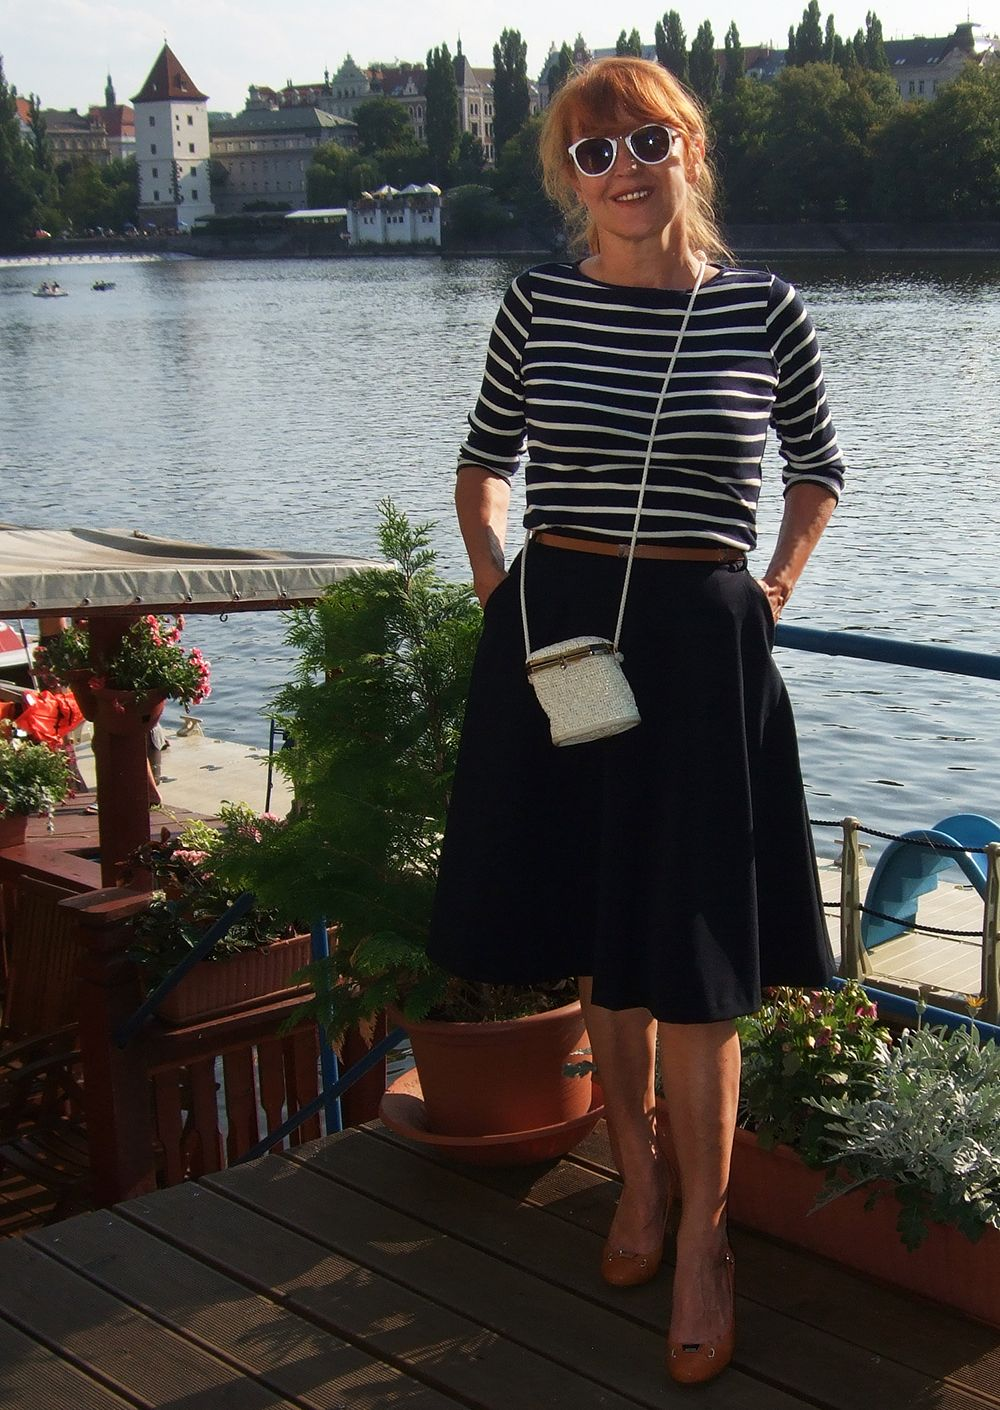 Babie letá: 50+: Podvečer na Vltave